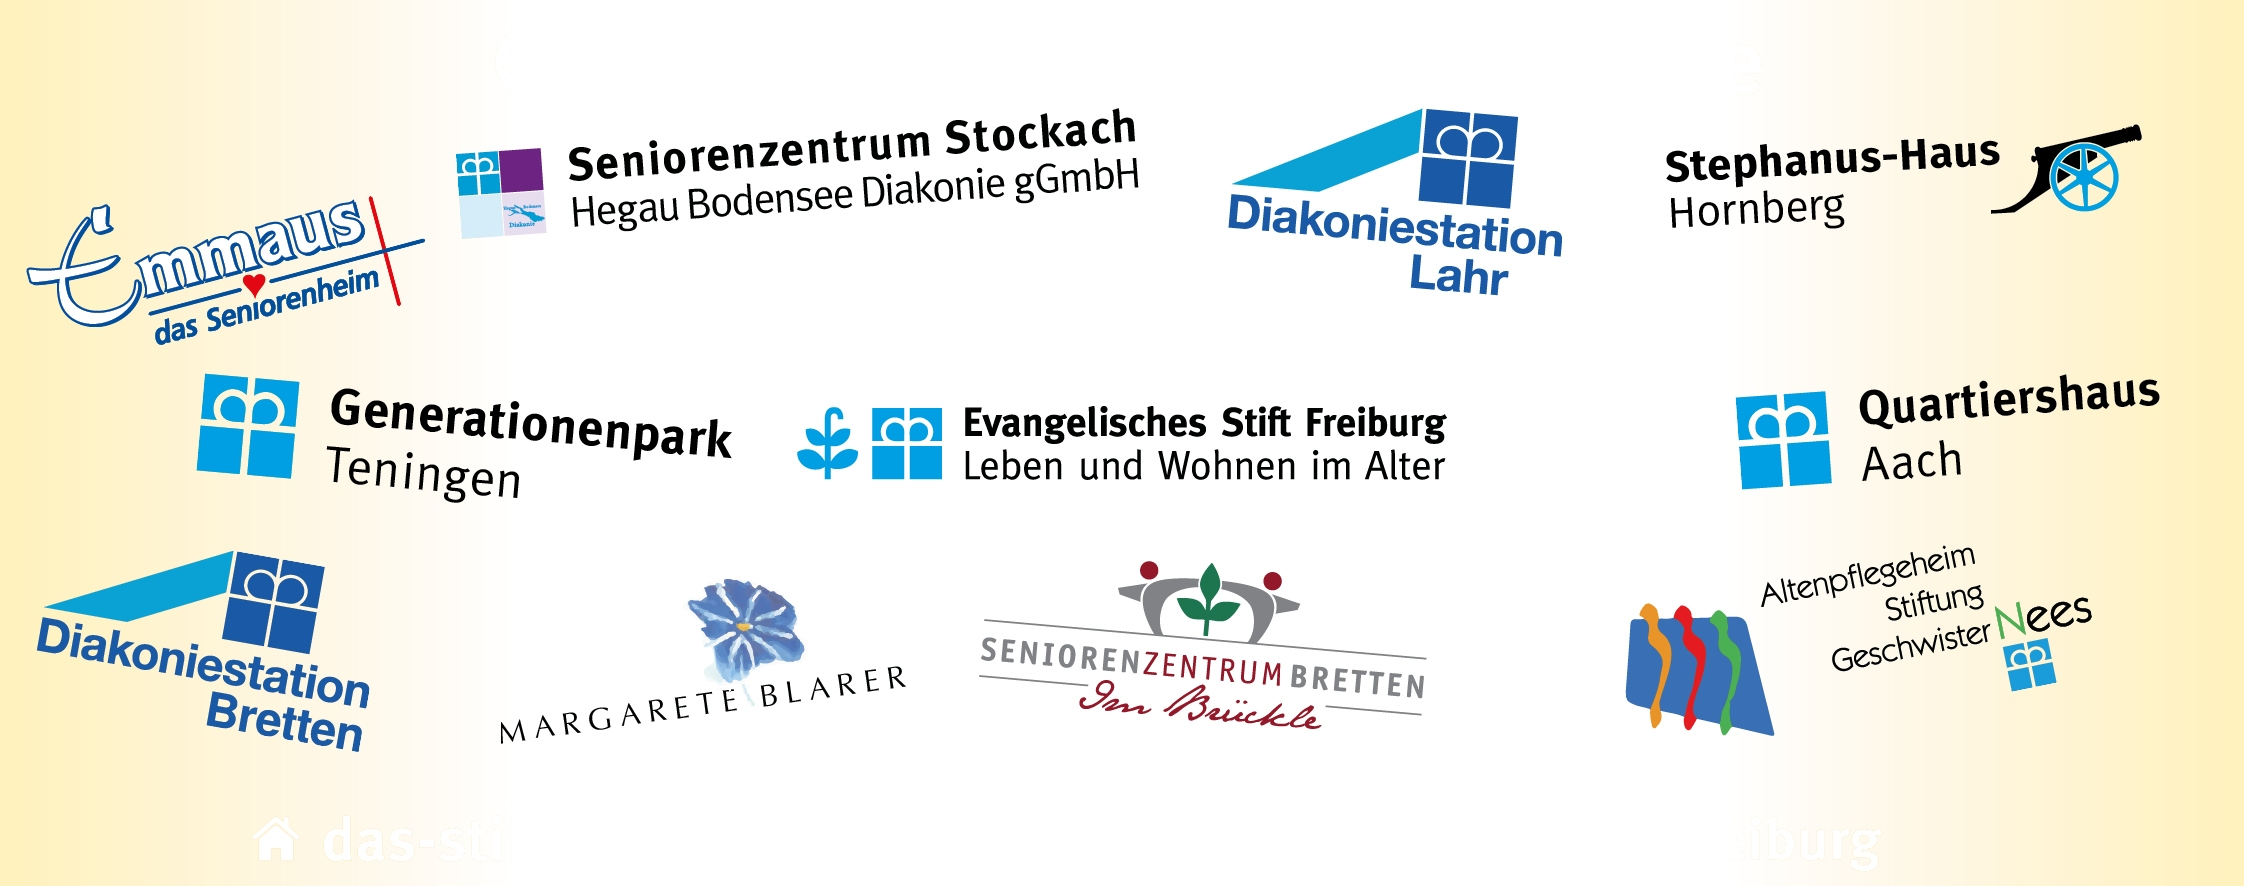 2020 04 29 Stiftsverbund Evangelisches Stift Freiburg bunt verbunden 1